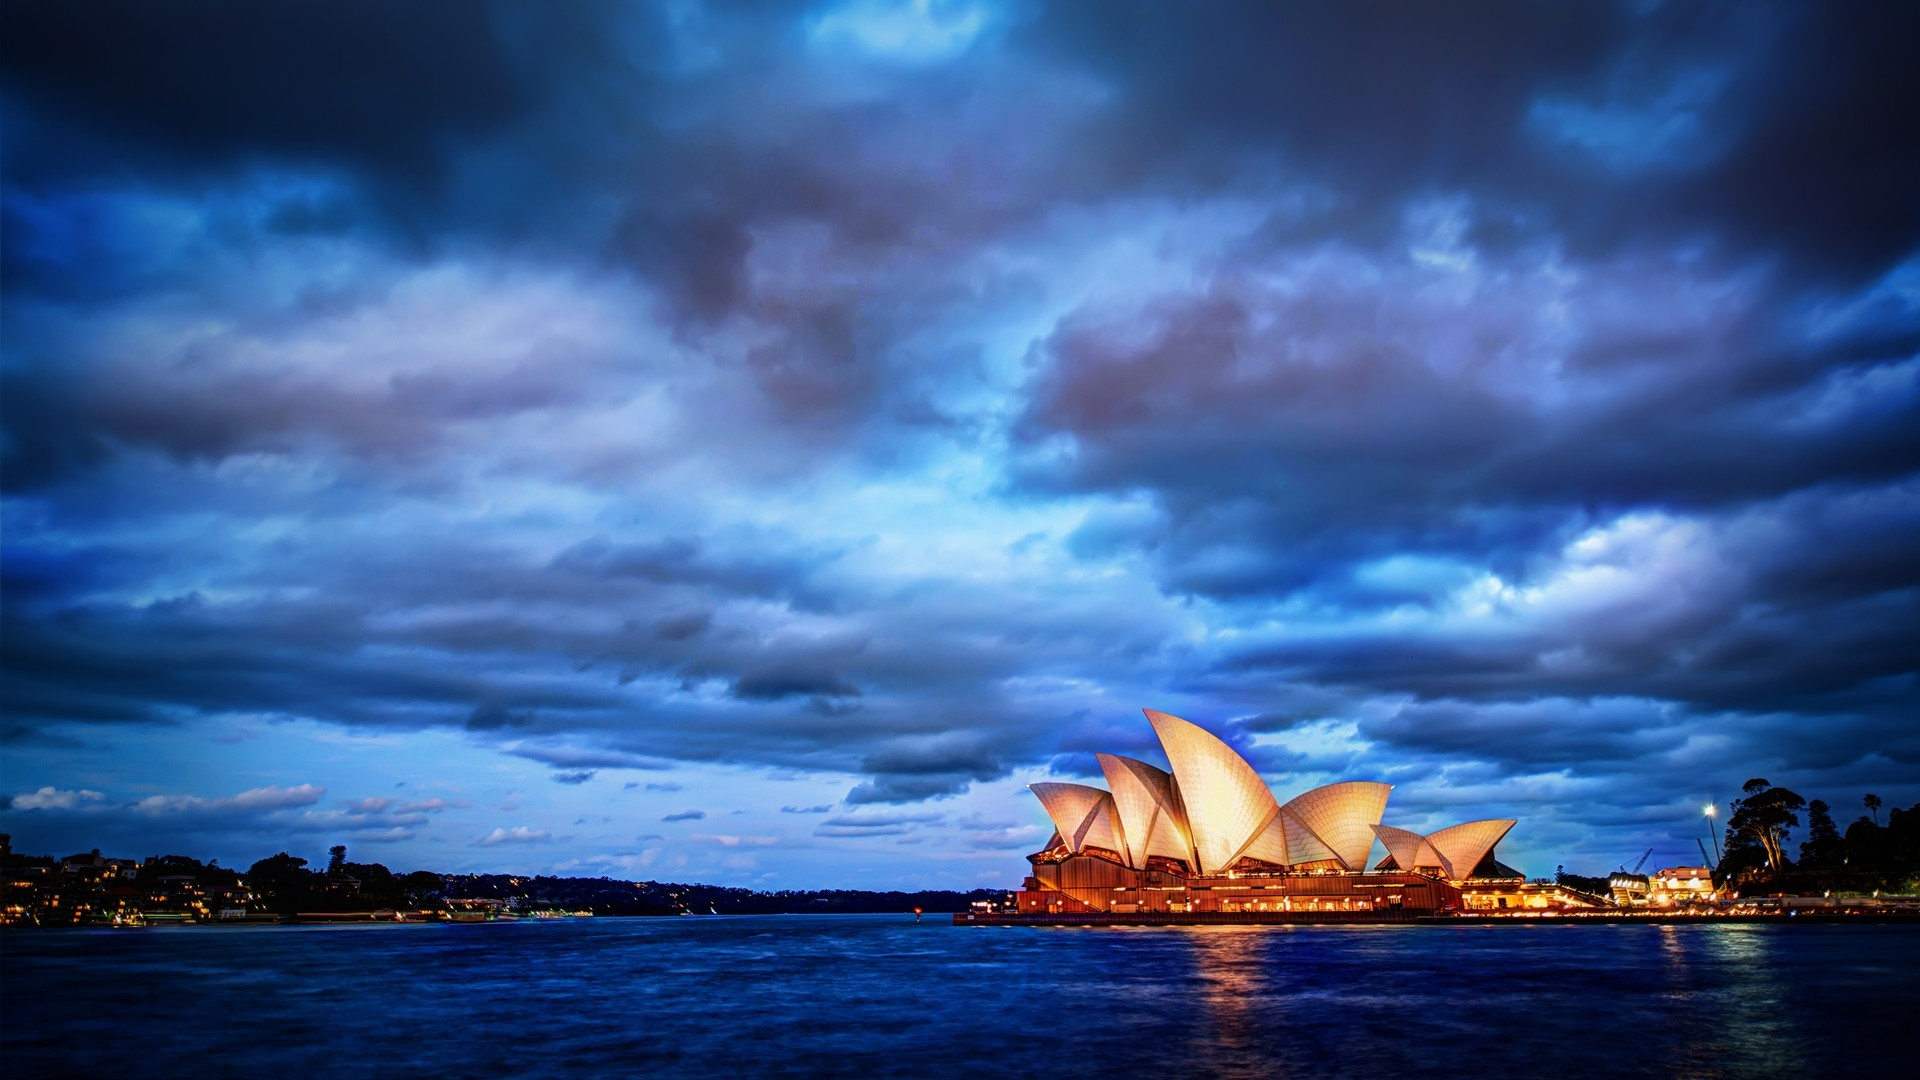 Australia hd wallpapers wallpapersafari for Full hd house image